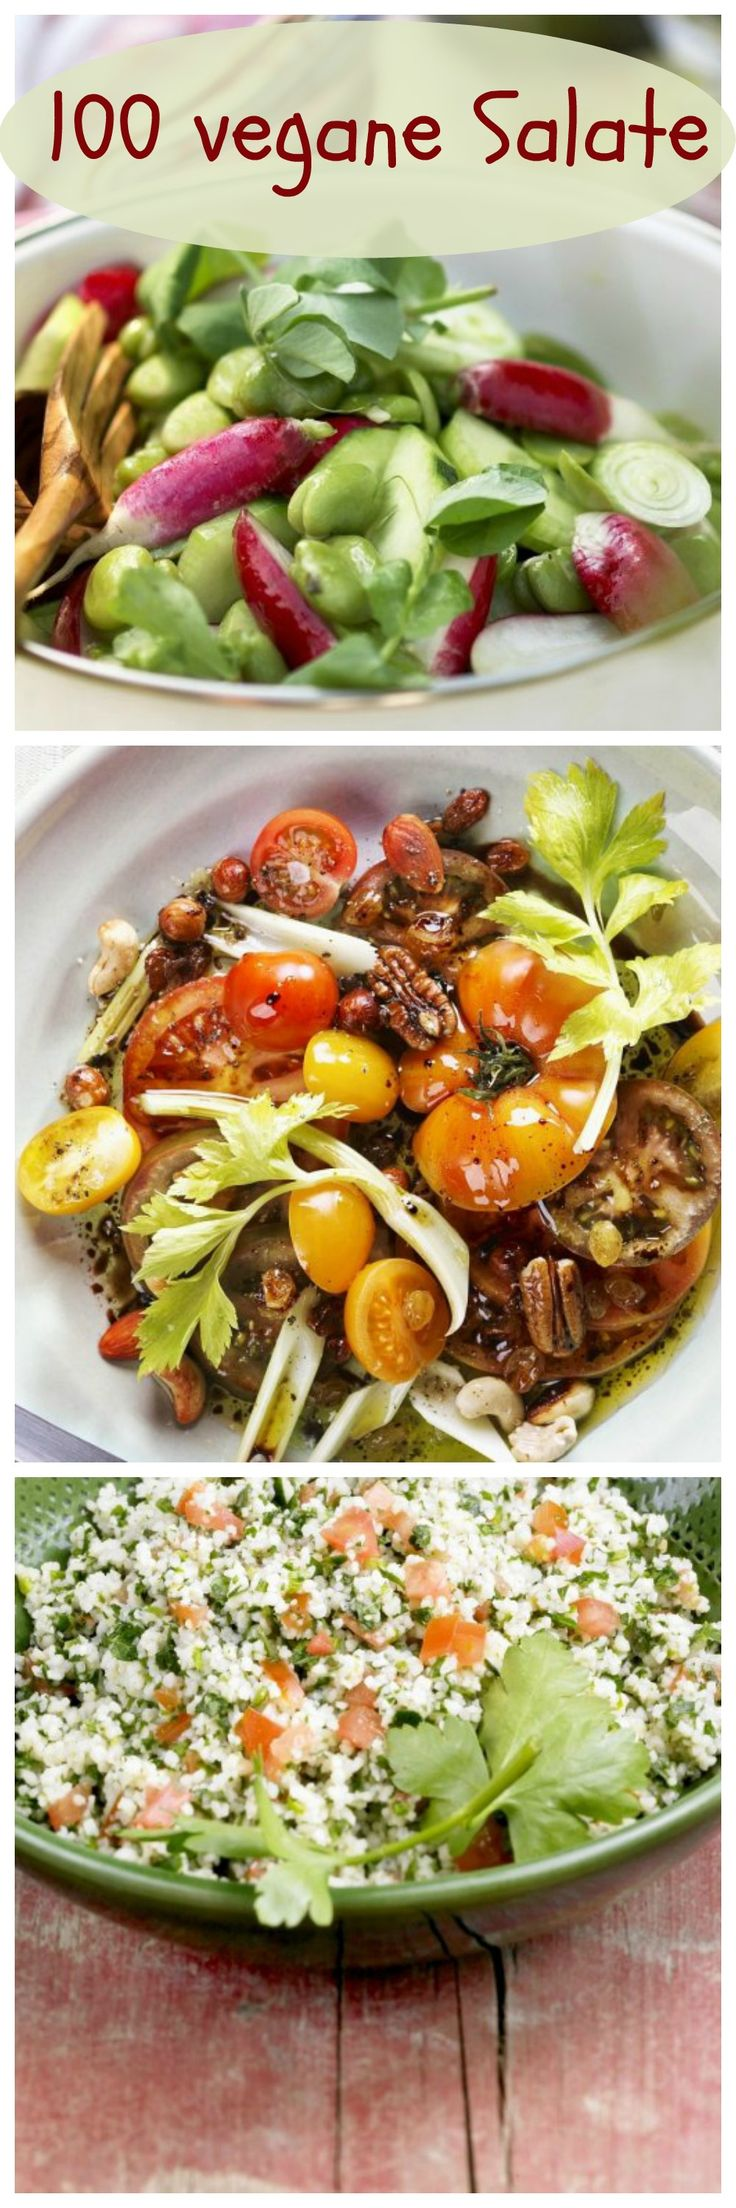 Wir haben für euch 100 leckere Salatrezepte ganz ohne tierische Produkte zusammengestellt. Lasst es euch schmecken! | http://eatsmarter.de/rezepte/rezeptsammlungen/vegane-salate-fotos#/0